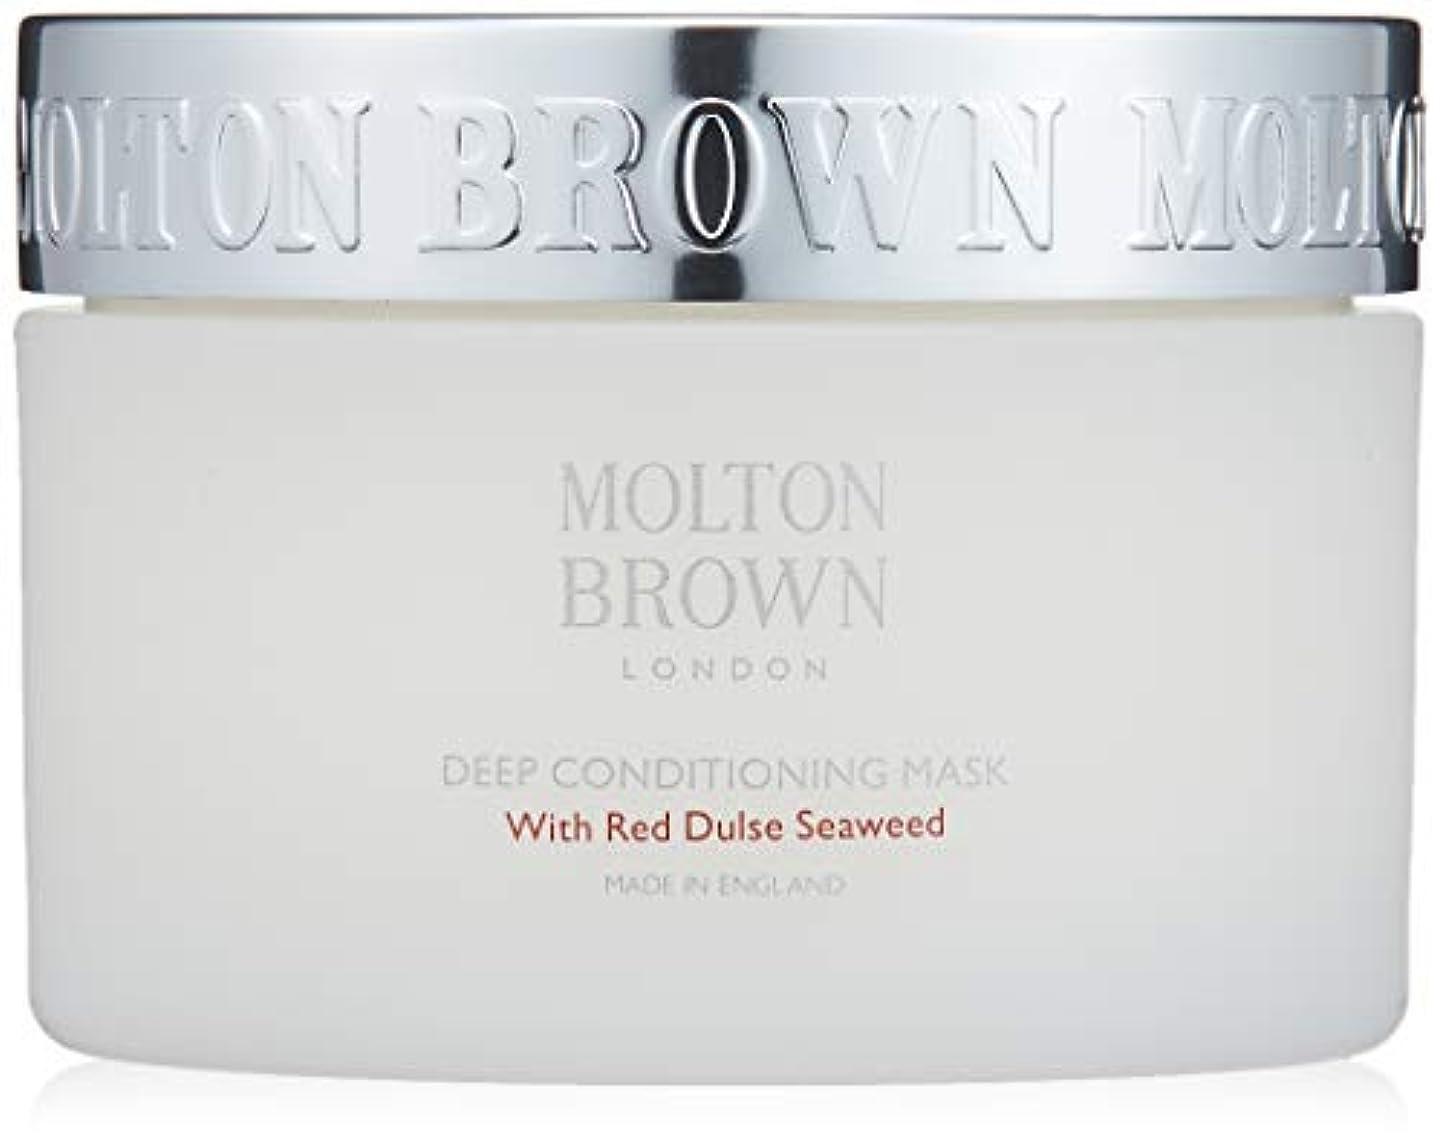 ベルベット護衛技術的なMOLTON BROWN(モルトンブラウン) RDS ディープコンディショニング ヘアマスク